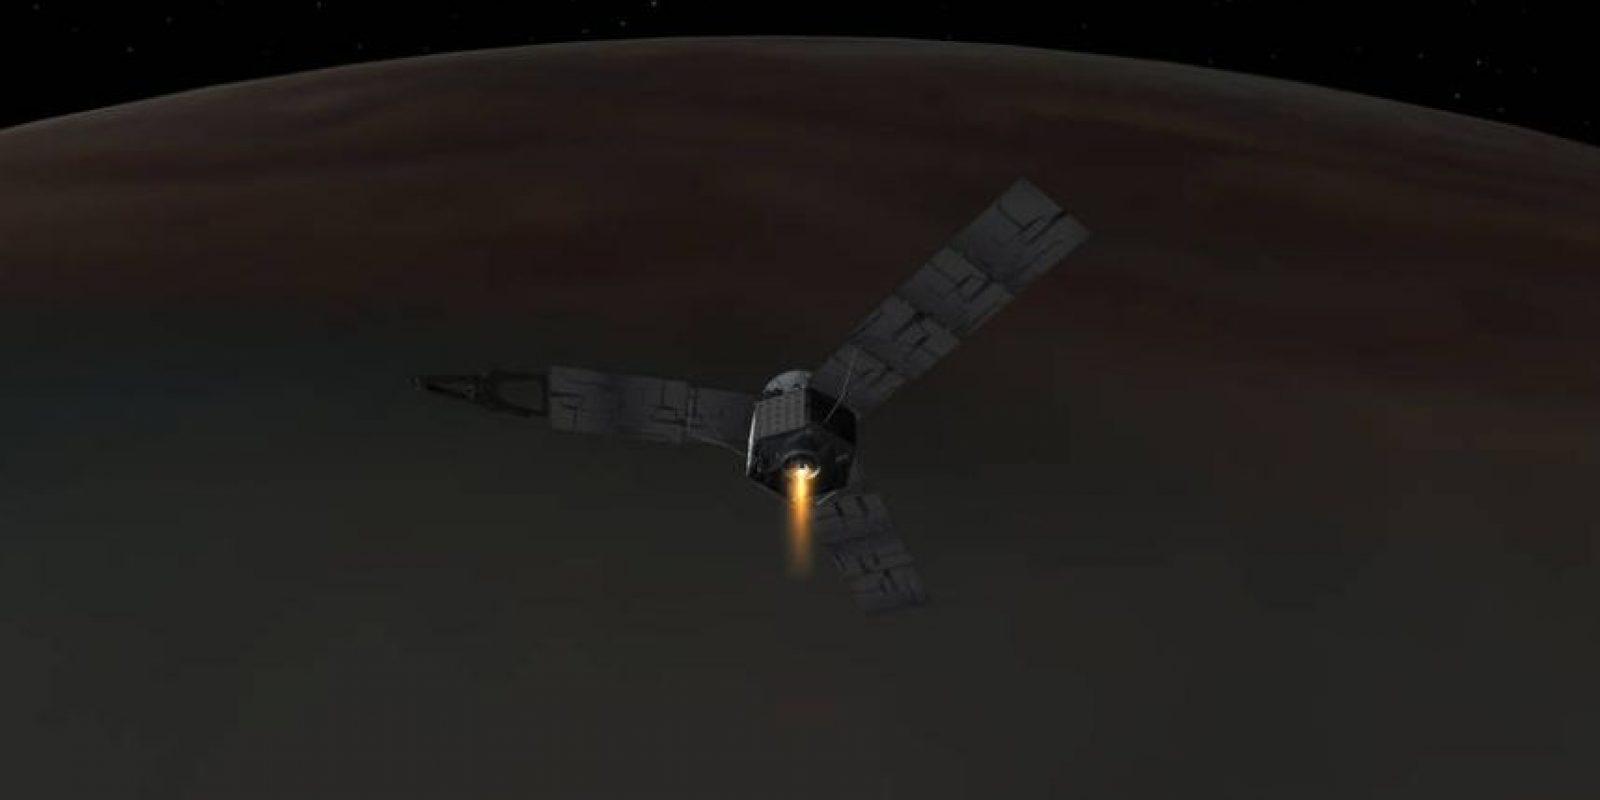 Juno es la primera nave con energía solar diseñada por la NASA para operar a una distancia tan alejada del astro rey, cinco veces más que la de la Tierra. Foto:NASA